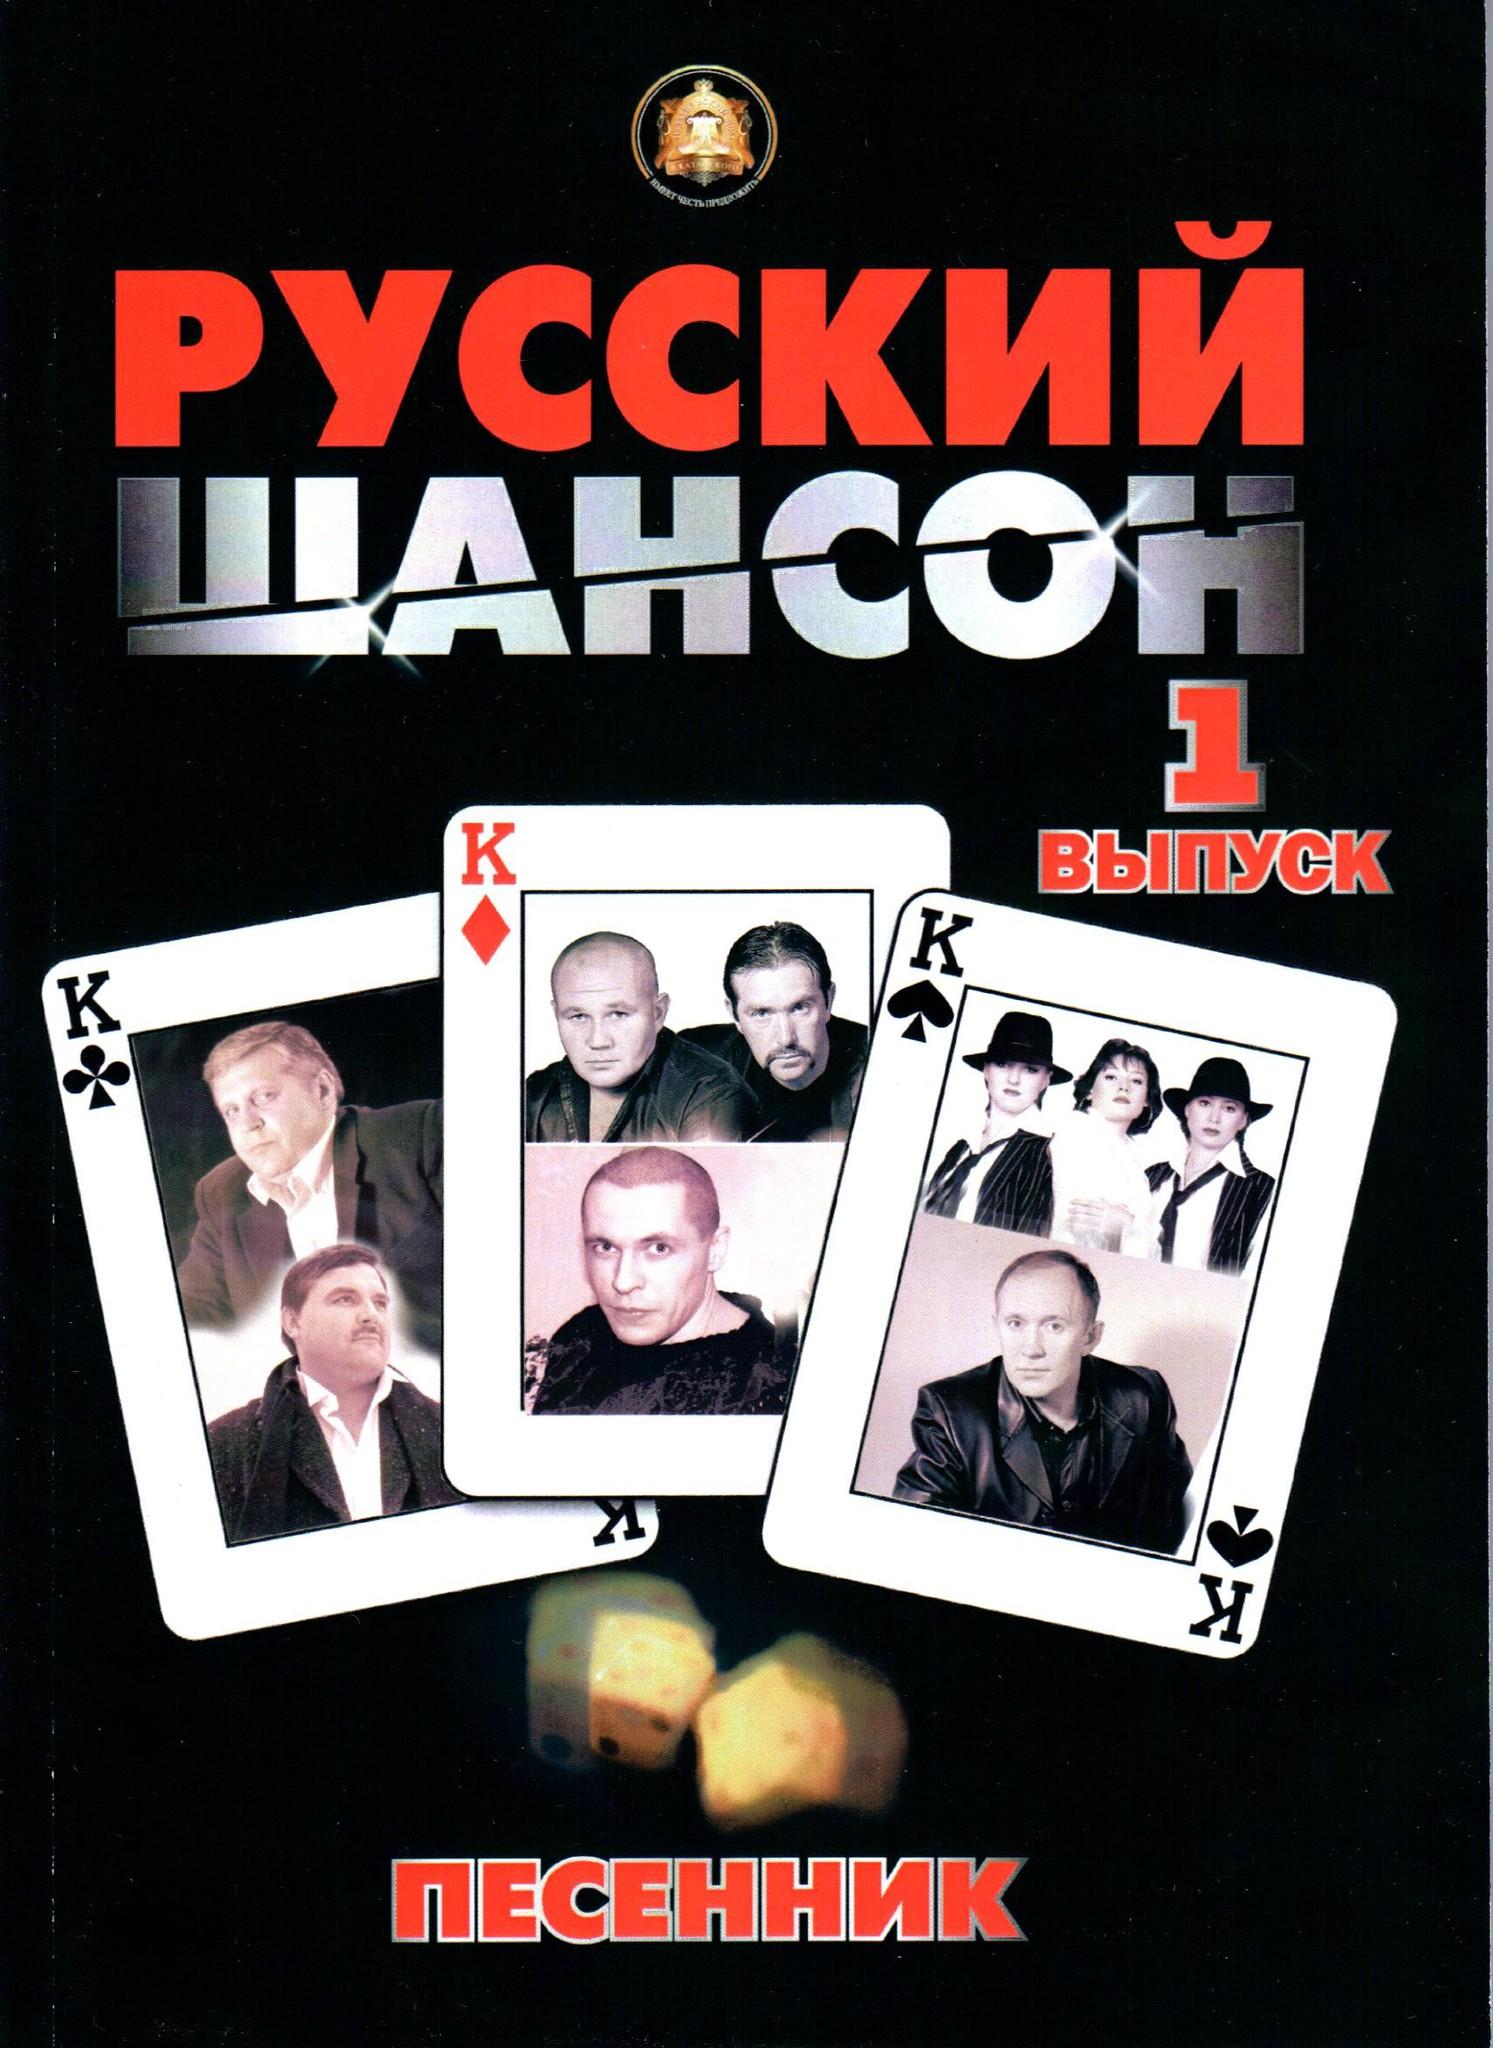 Катанский А. В. Песенник. Русский Шансон. Выпуск 1.